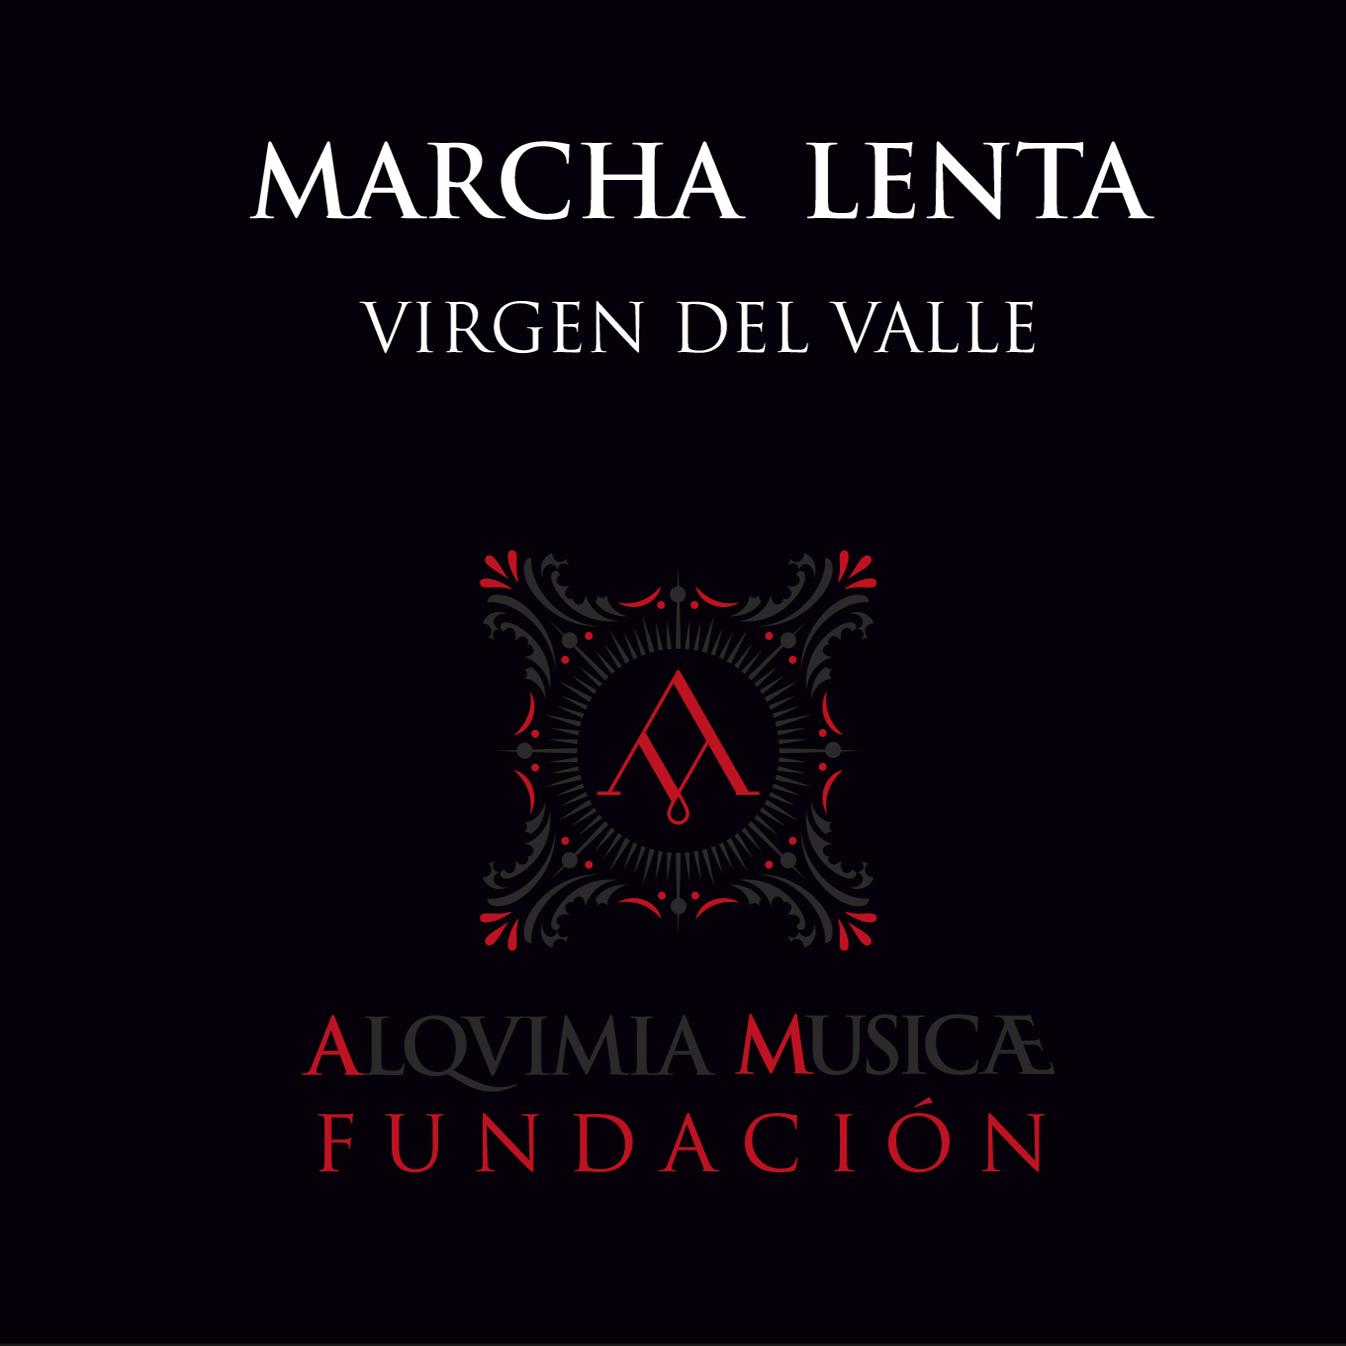 Imagen de la Portada del Disco Marcha Lenta. Virgen del Valle